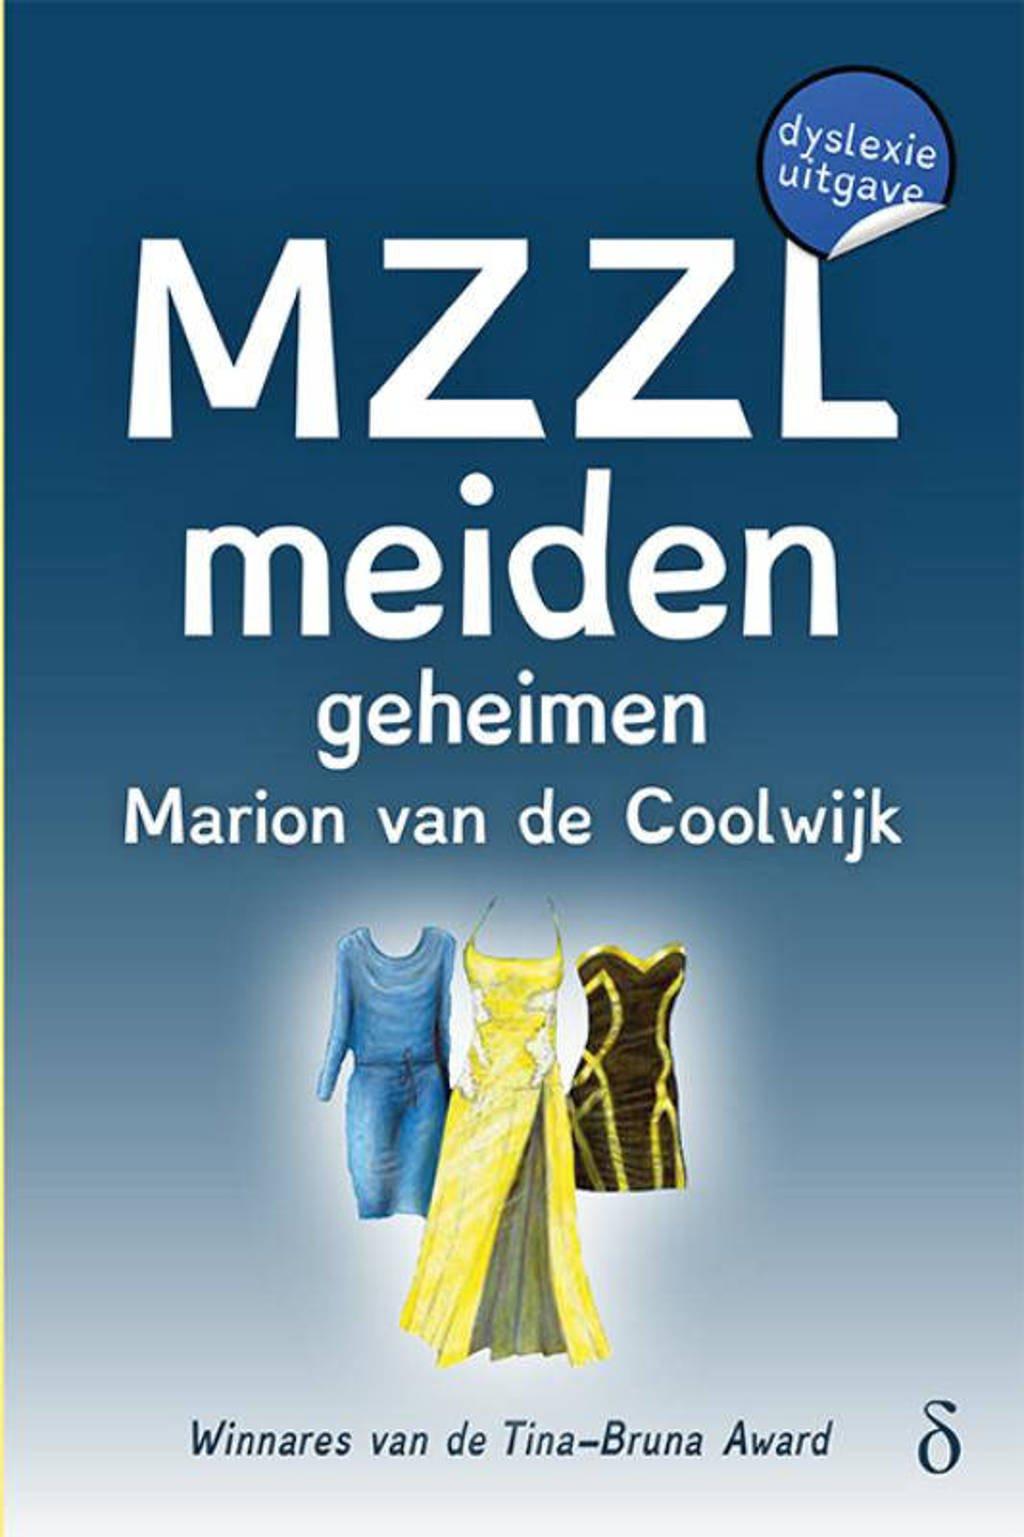 MZZLmeiden: Geheimen - Marion van de Coolwijk